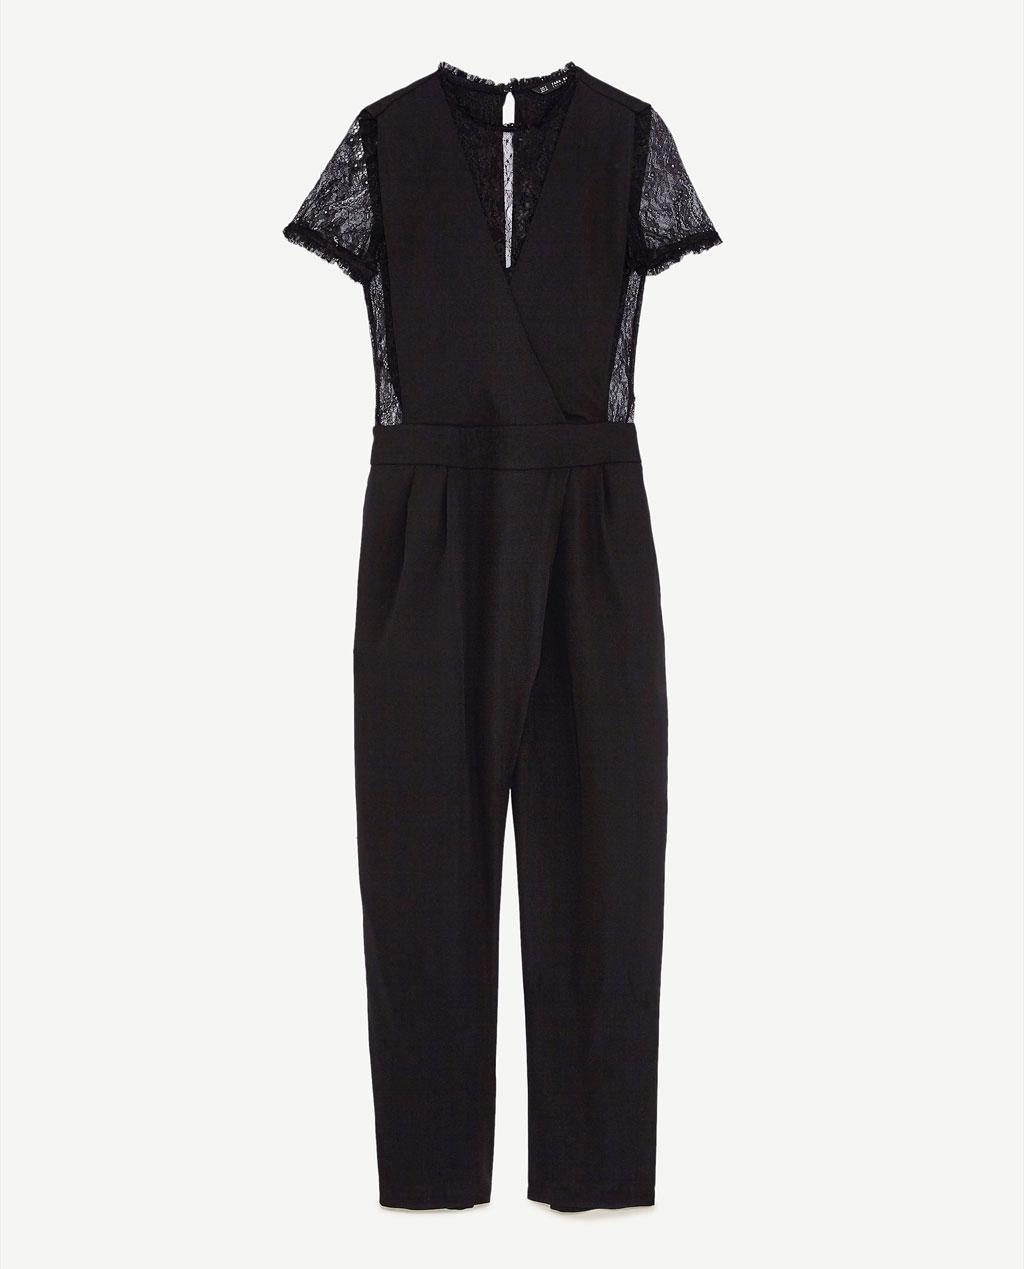 combinaison pantalon en dentelle noire zara chic et f minine en combi pantalon elle. Black Bedroom Furniture Sets. Home Design Ideas